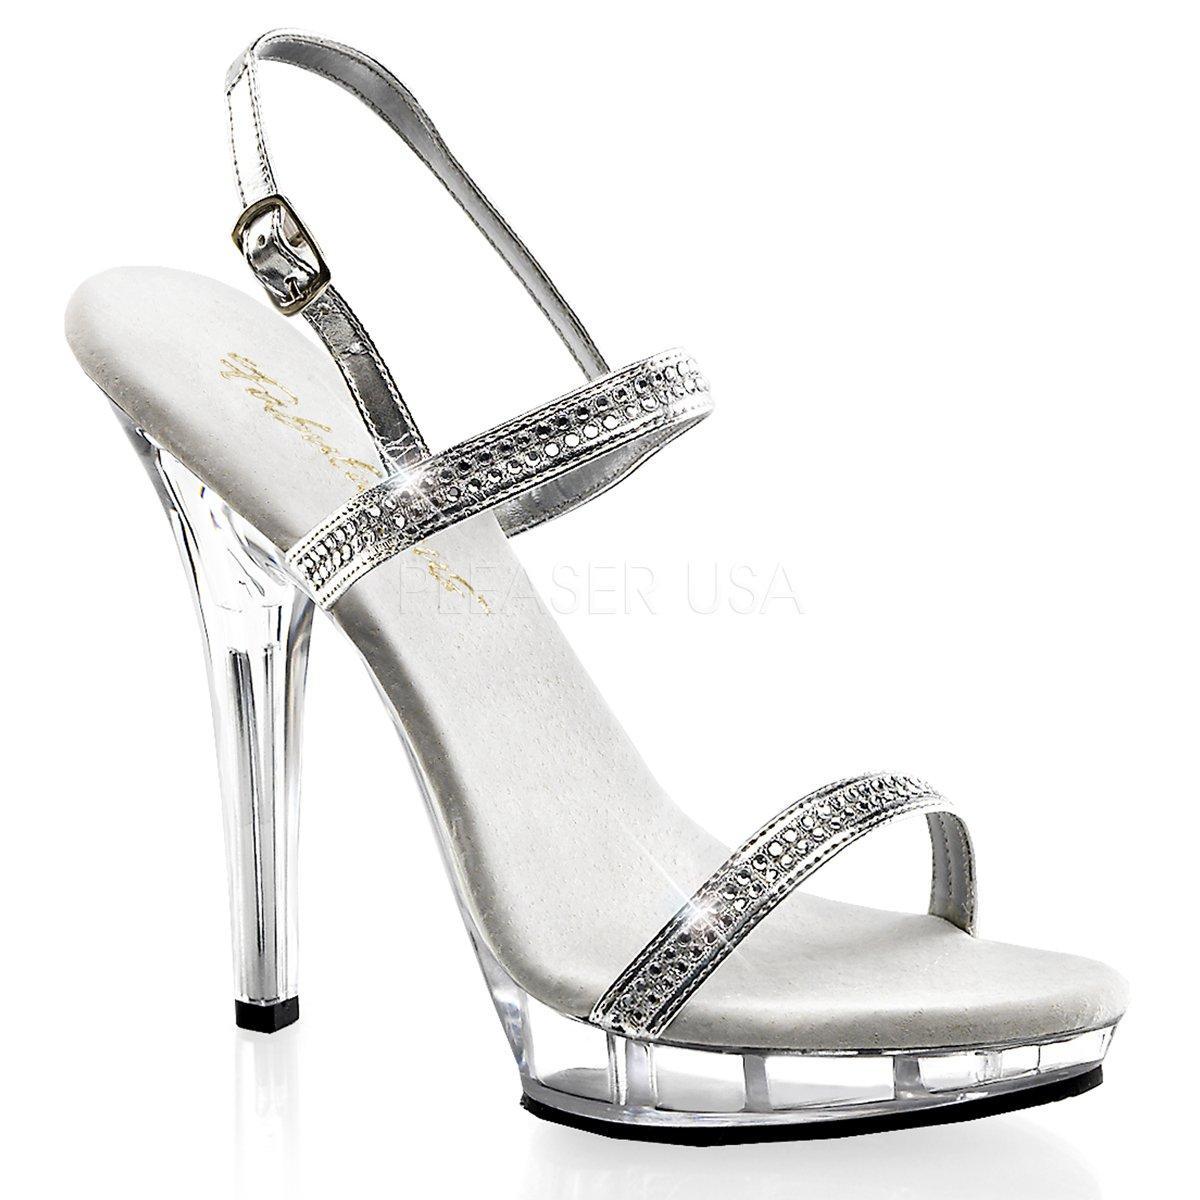 083ae915f47 LIP-117 Luxusní stříbrné plesové sandálky s třpytivými pásky na vysokém  podpatku